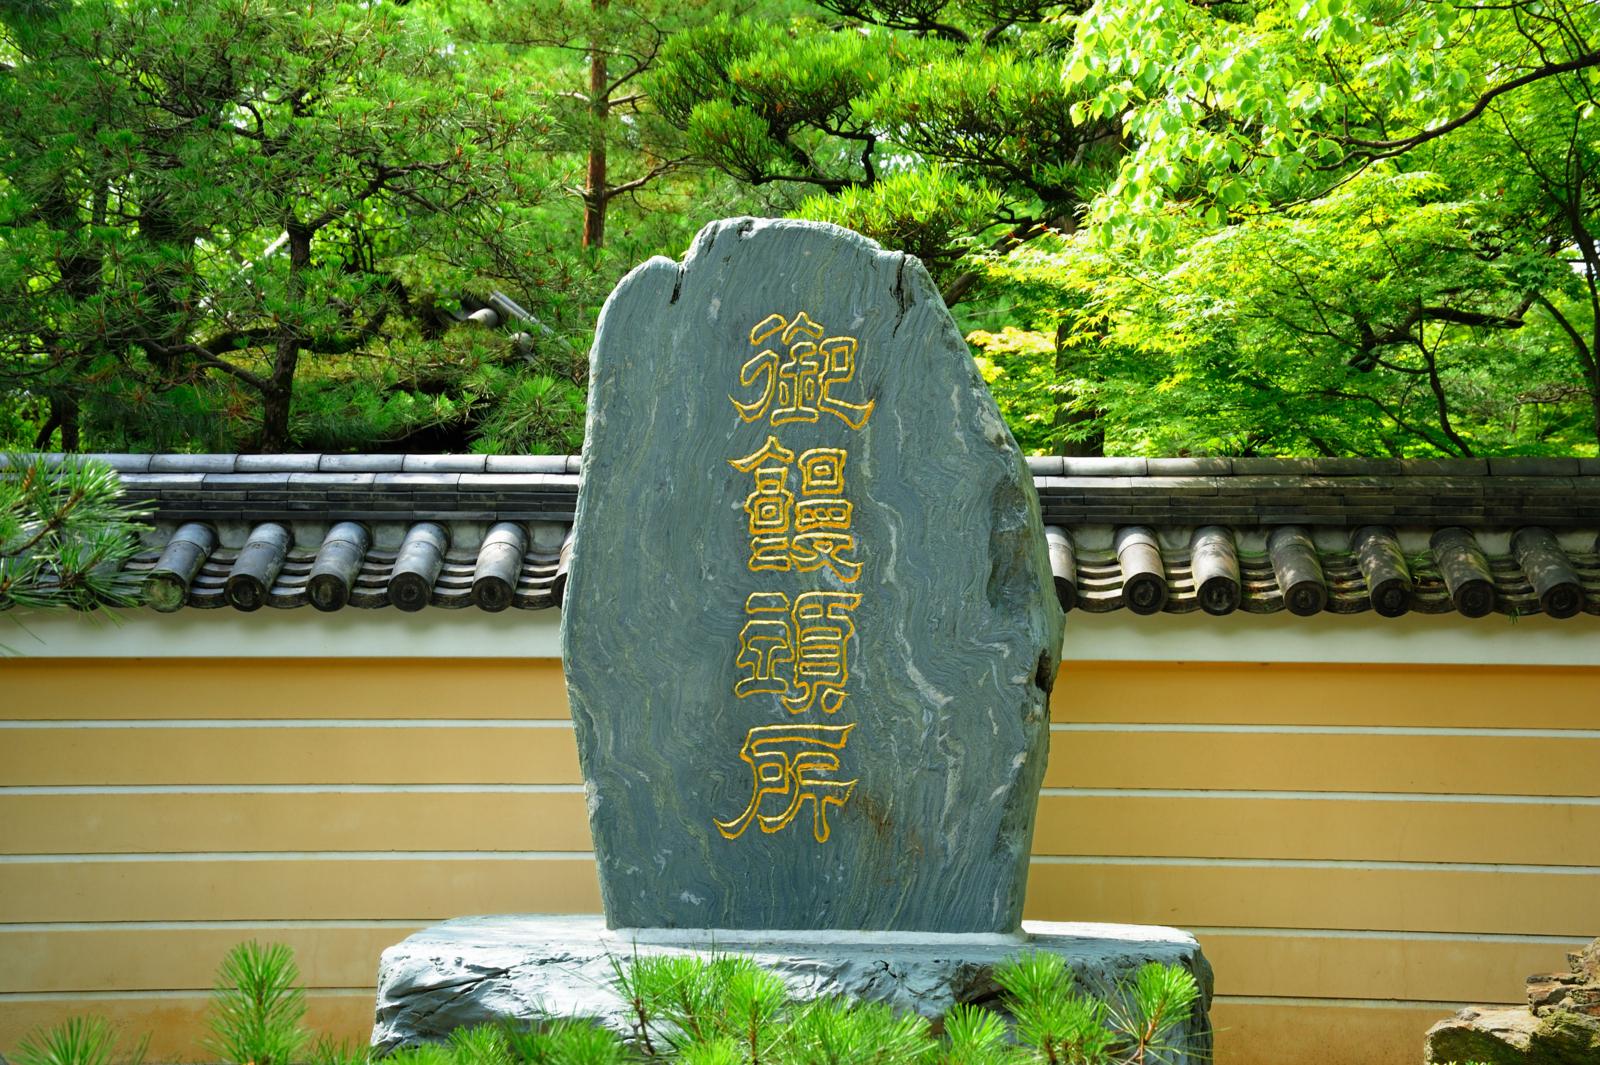 承天寺 うどん発祥の石碑